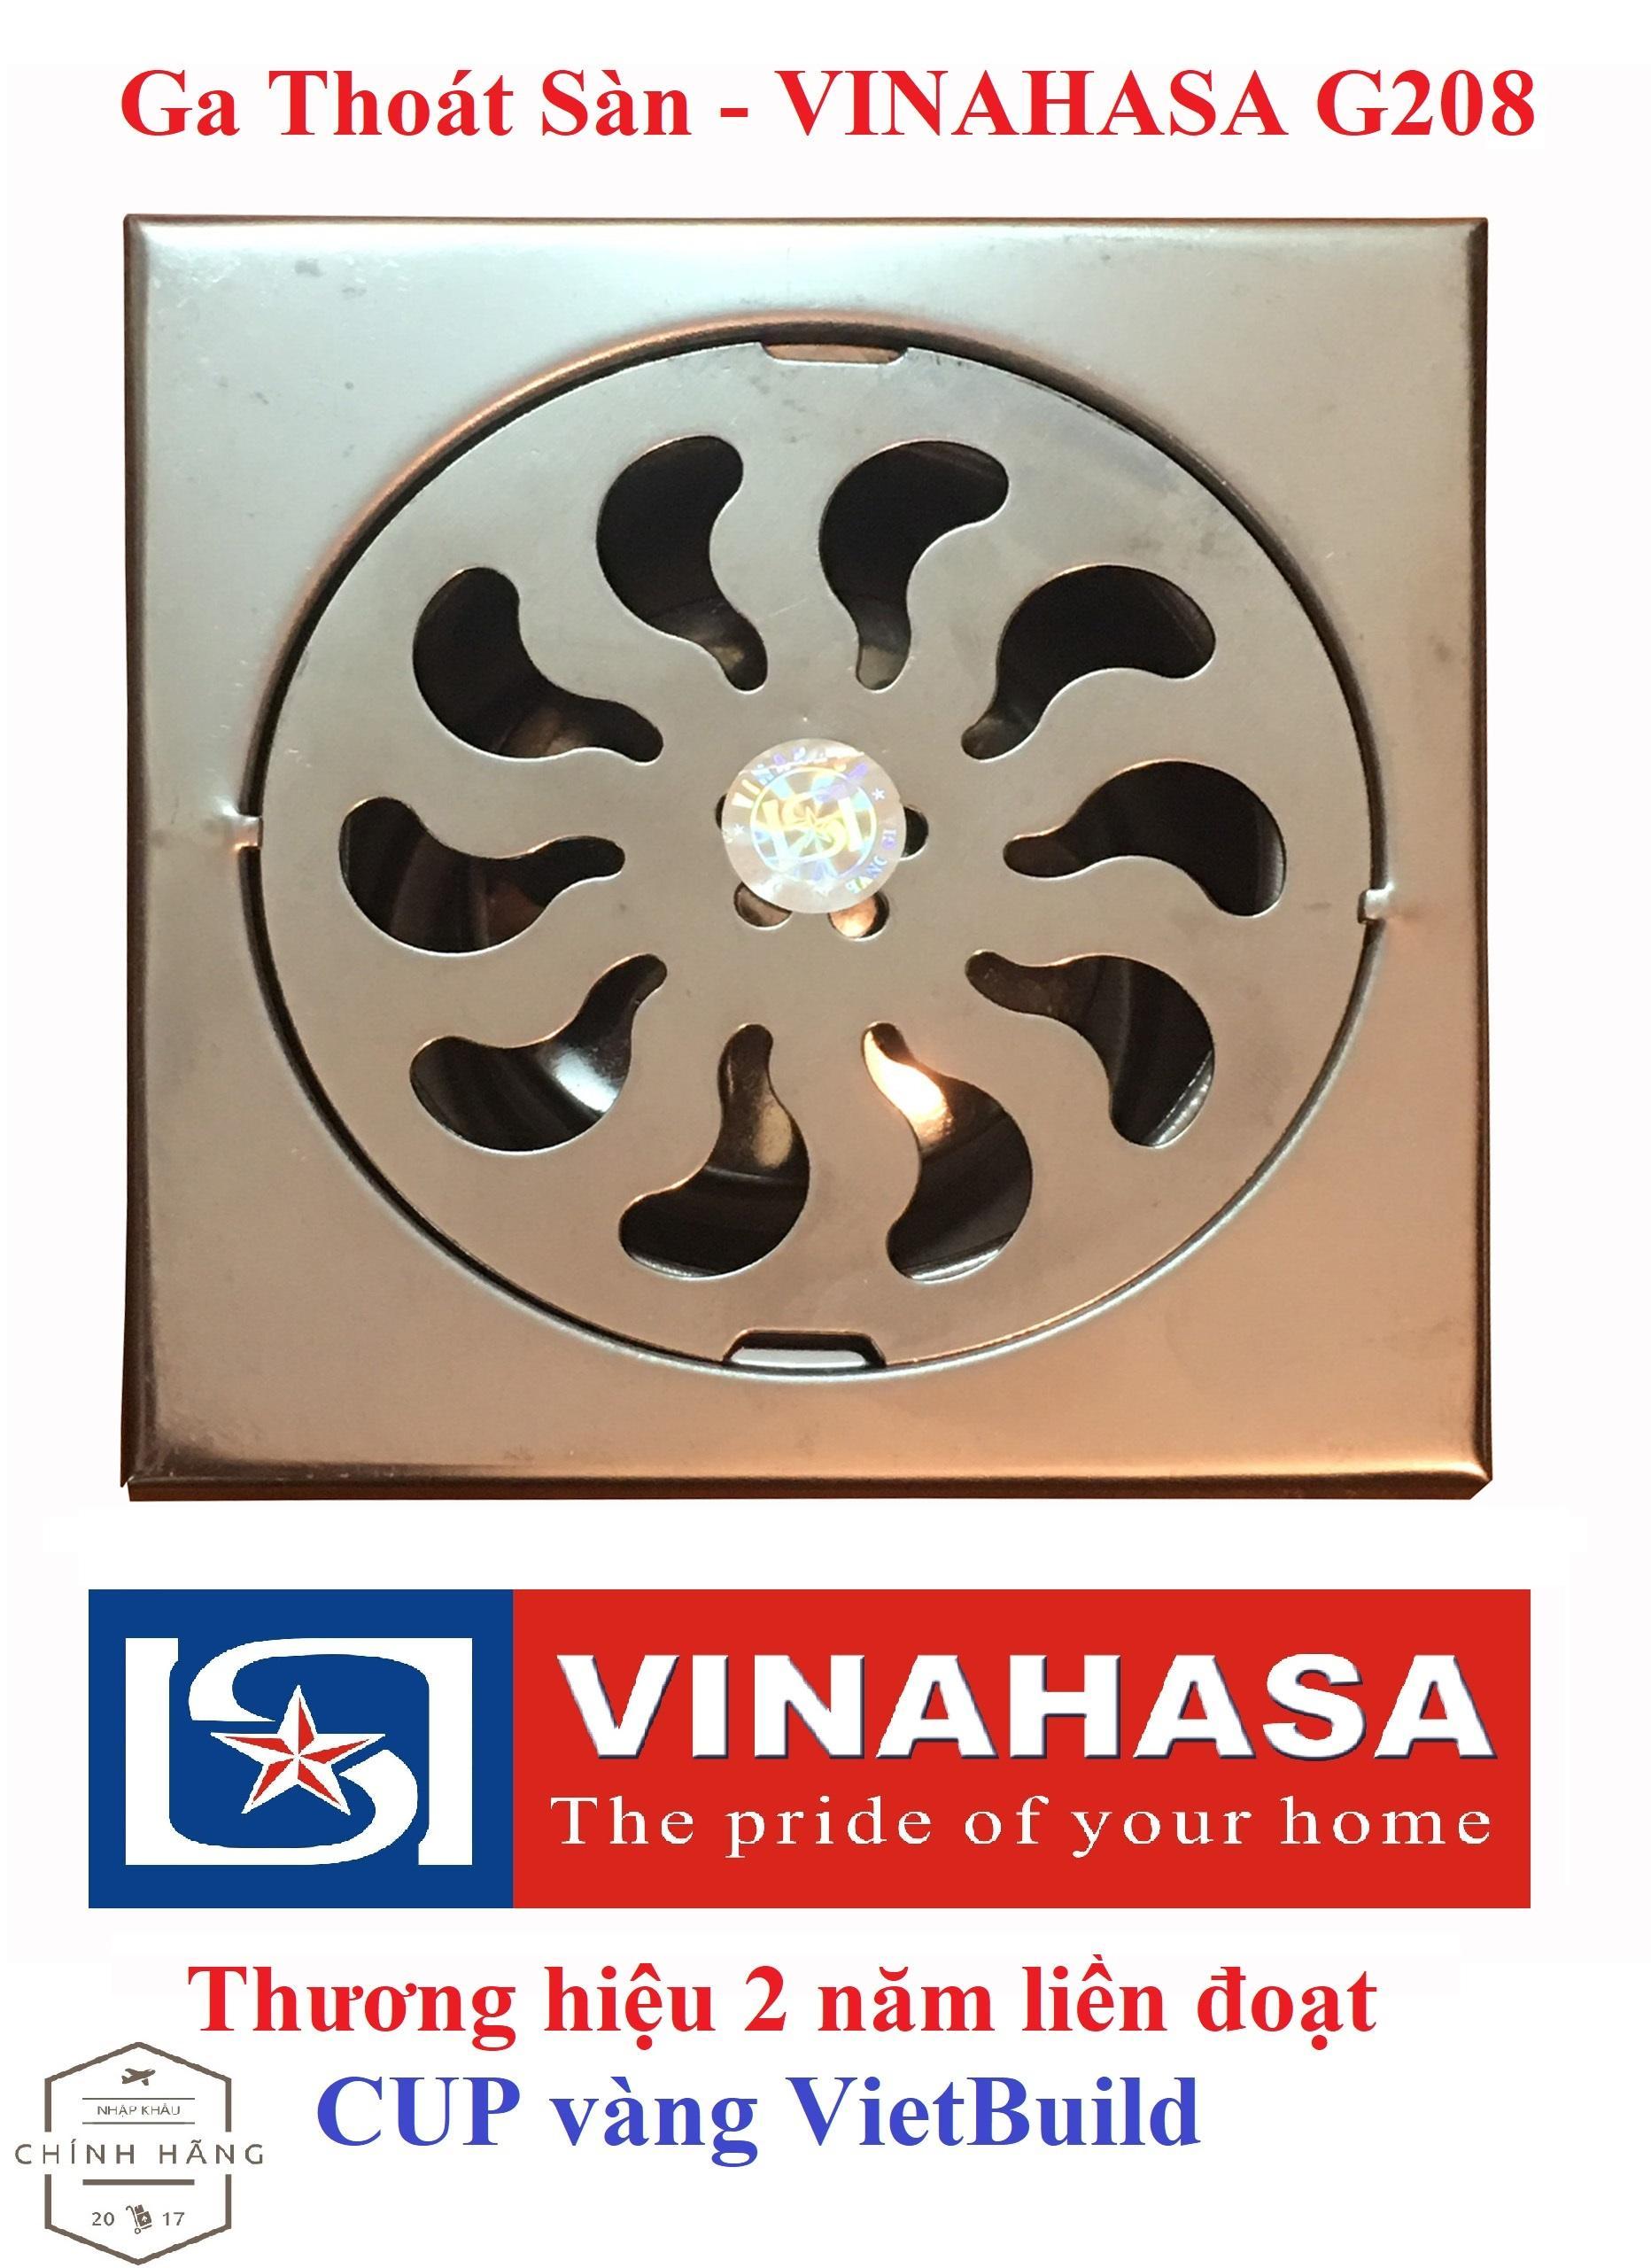 Ga thoát sàn – phễu thoát sàn INOX Vinahasa 10x10cm Phi 75mm Chống Hôi – Lọc Rác 2 lớp hiệu quả G208 (Bảo hành 12 tháng – 1 đổi 1 trong 7 ngày)